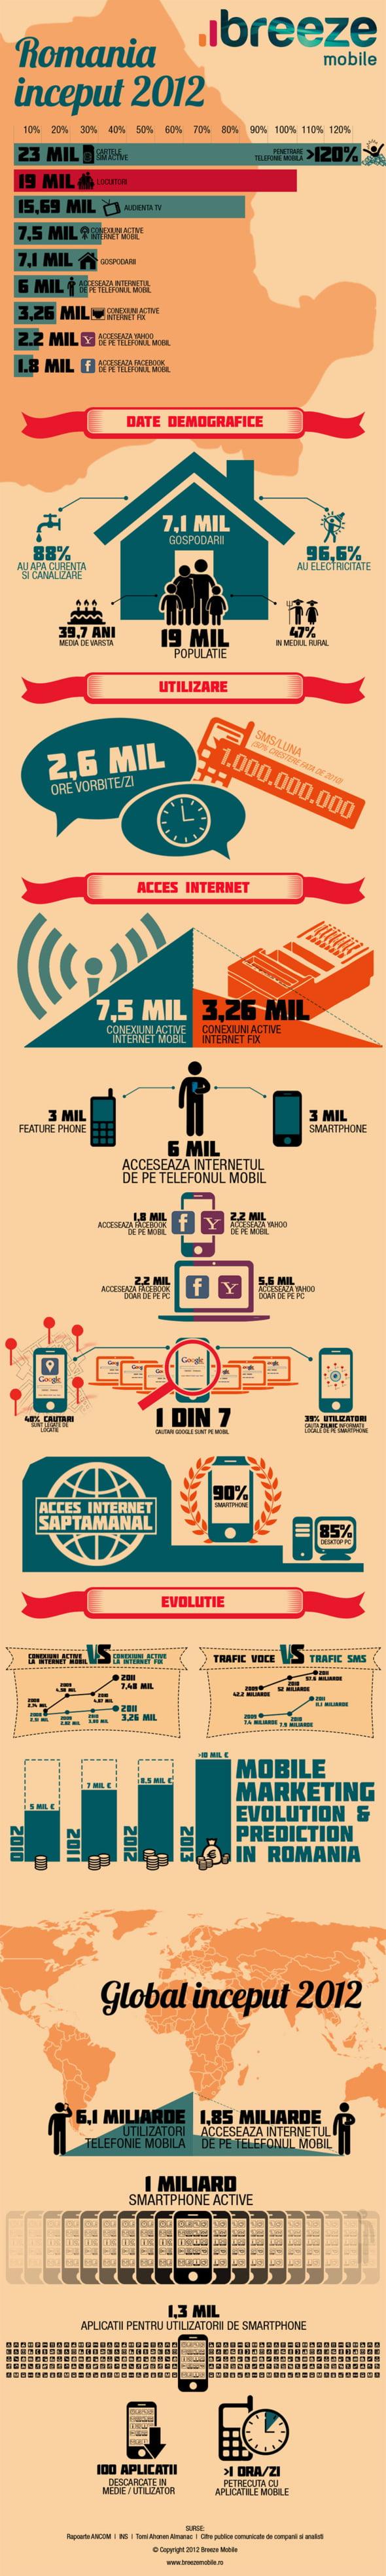 Piata mobile marketing - Breeze Mobile